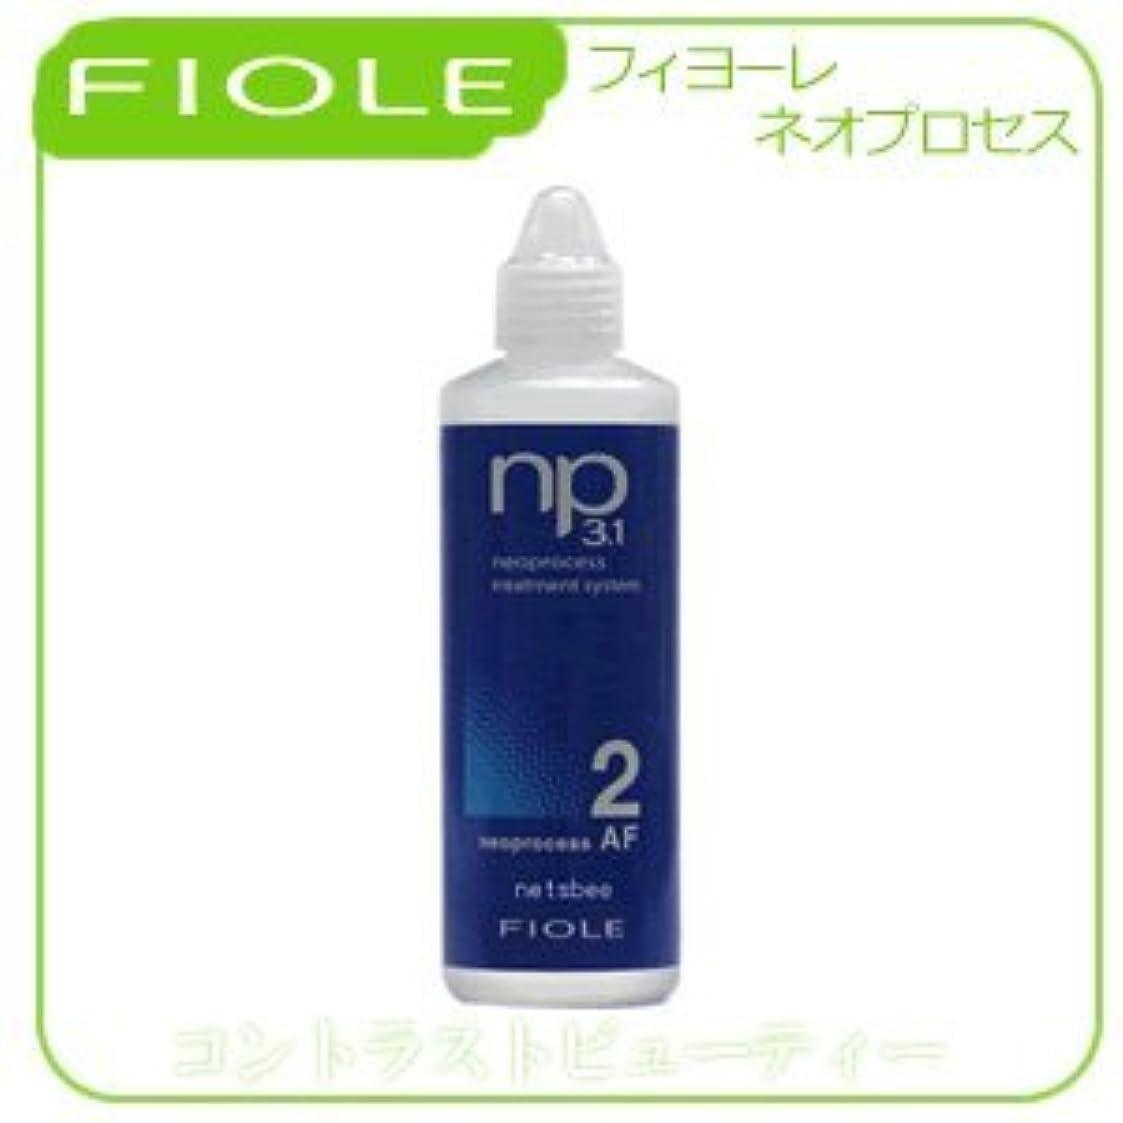 軽蔑サロン新鮮な【X3個セット】 フィヨーレ NP3.1 ネオプロセス AF2 130ml FIOLE ネオプロセス